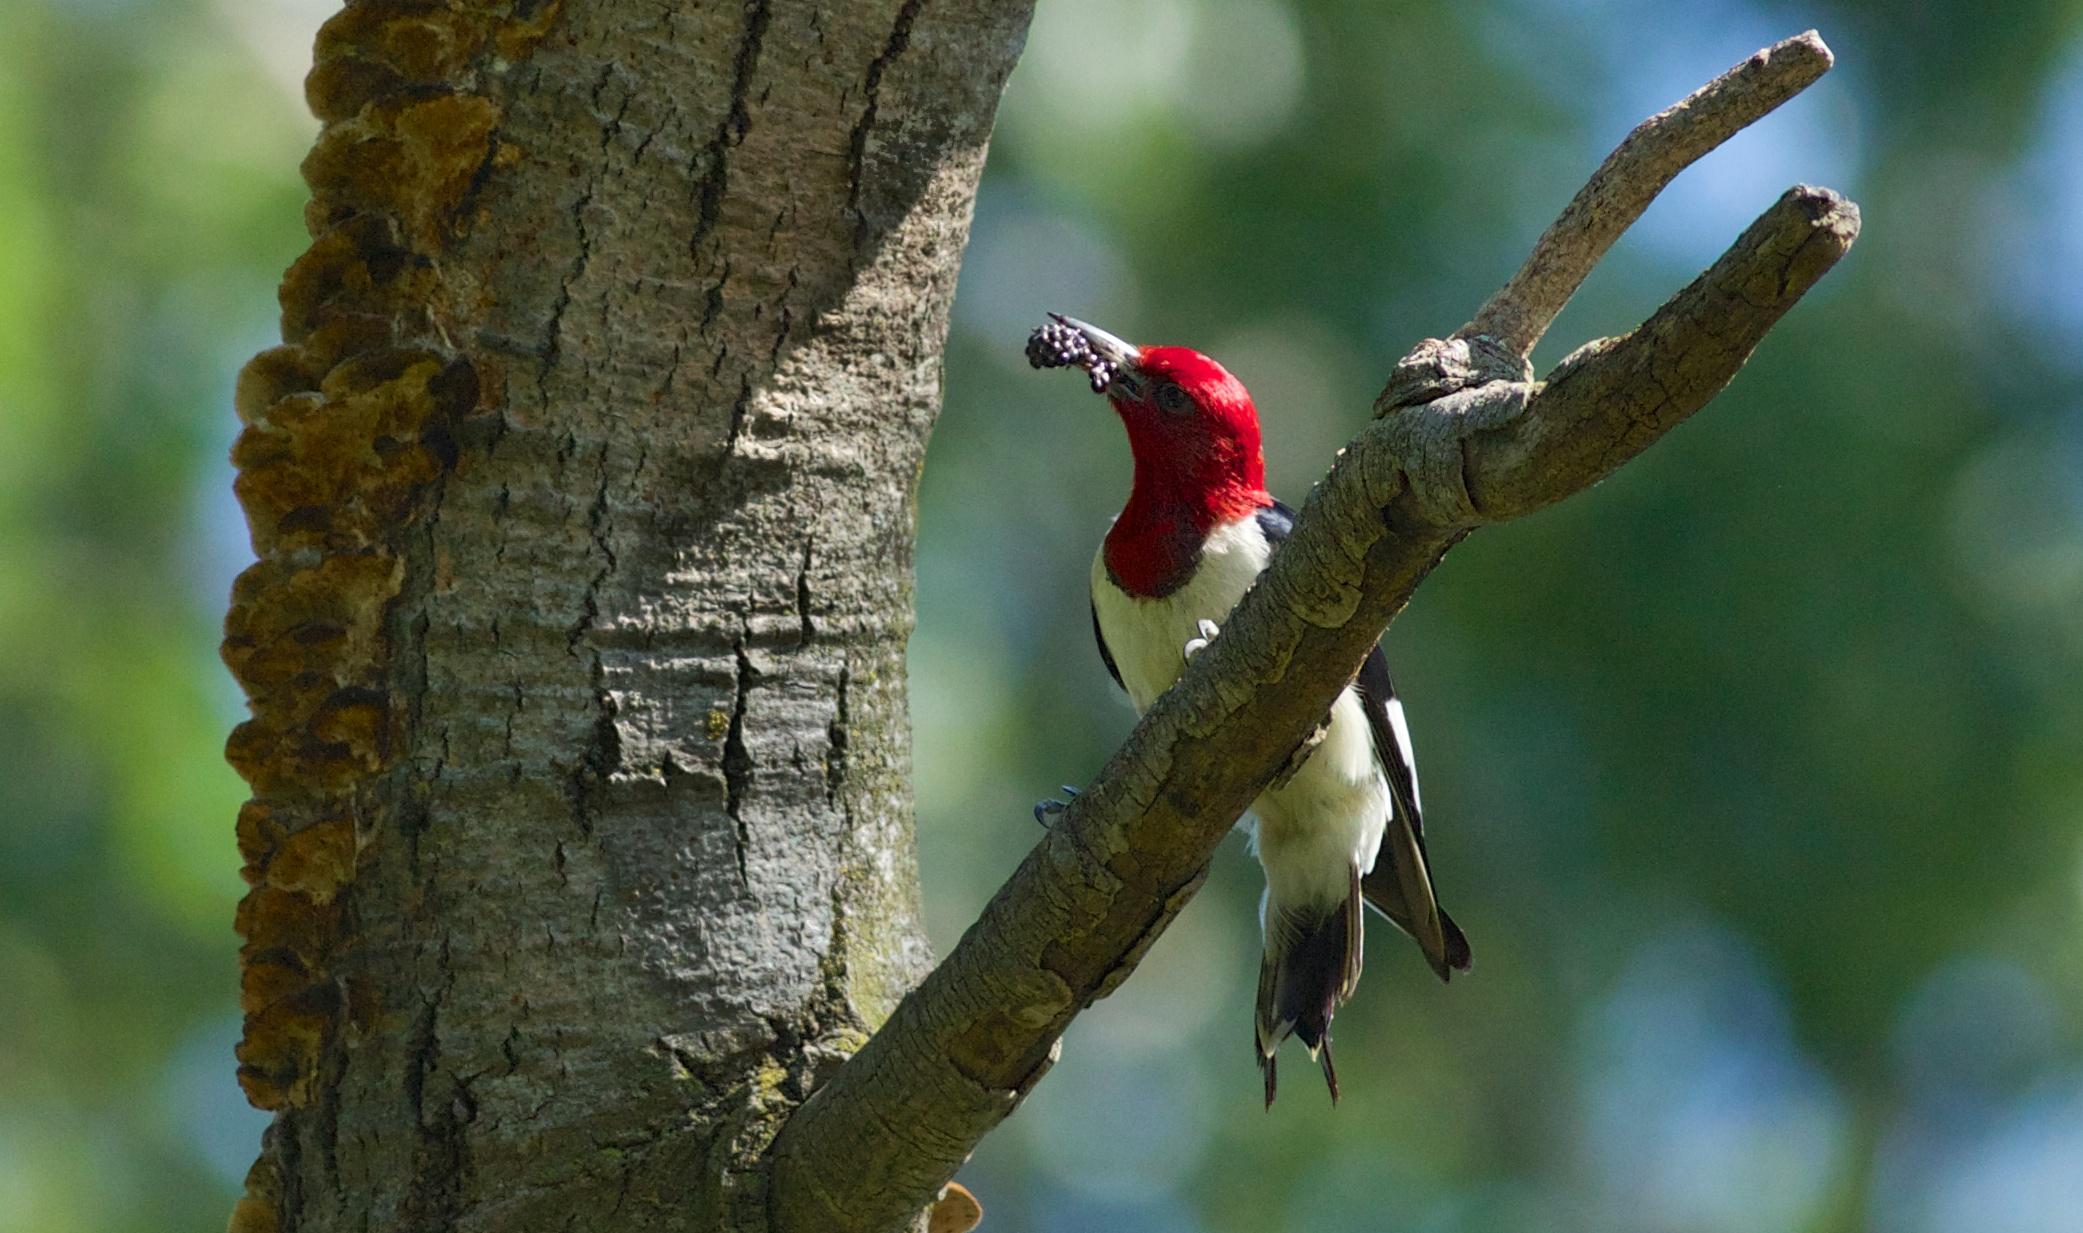 Red-headed woodpecker, photo by Arlene Koziol